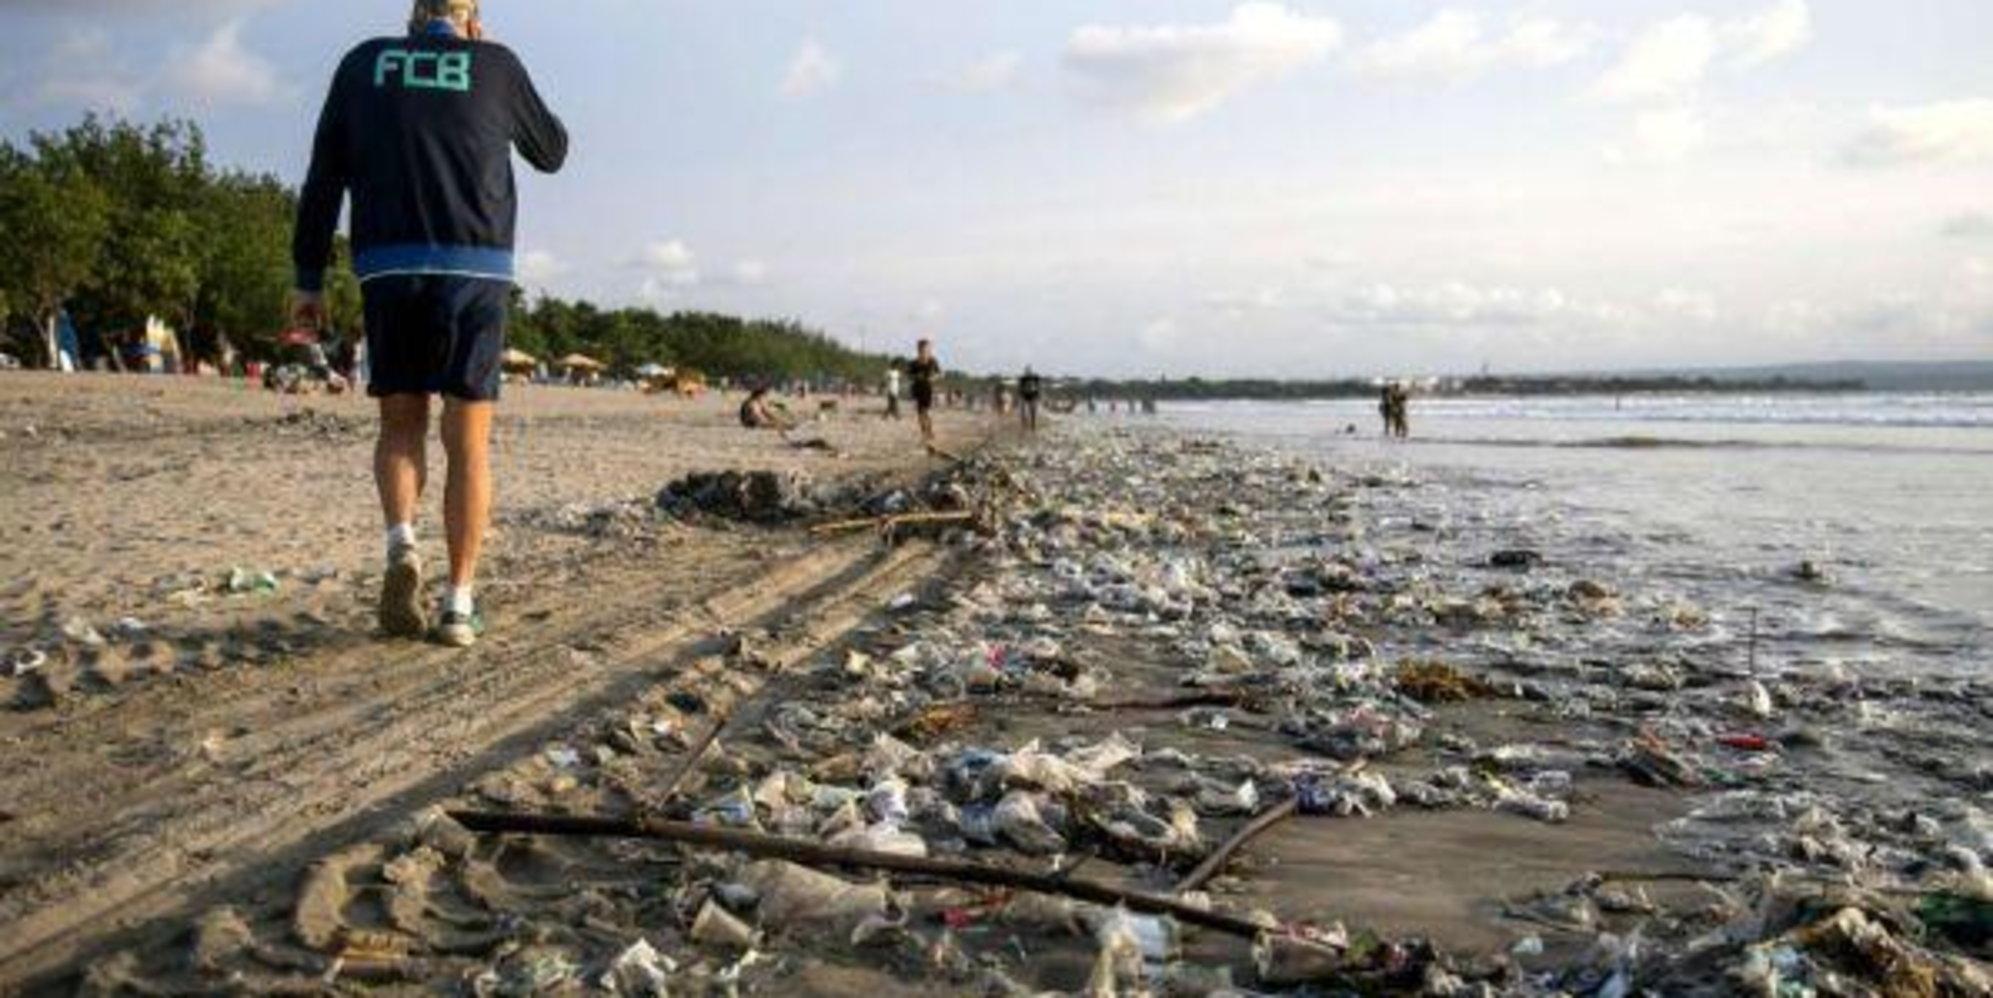 Mare e coste, l'allarme di Legambiente: nel 2019 i reati ambientali sono aumentati del 15,6%